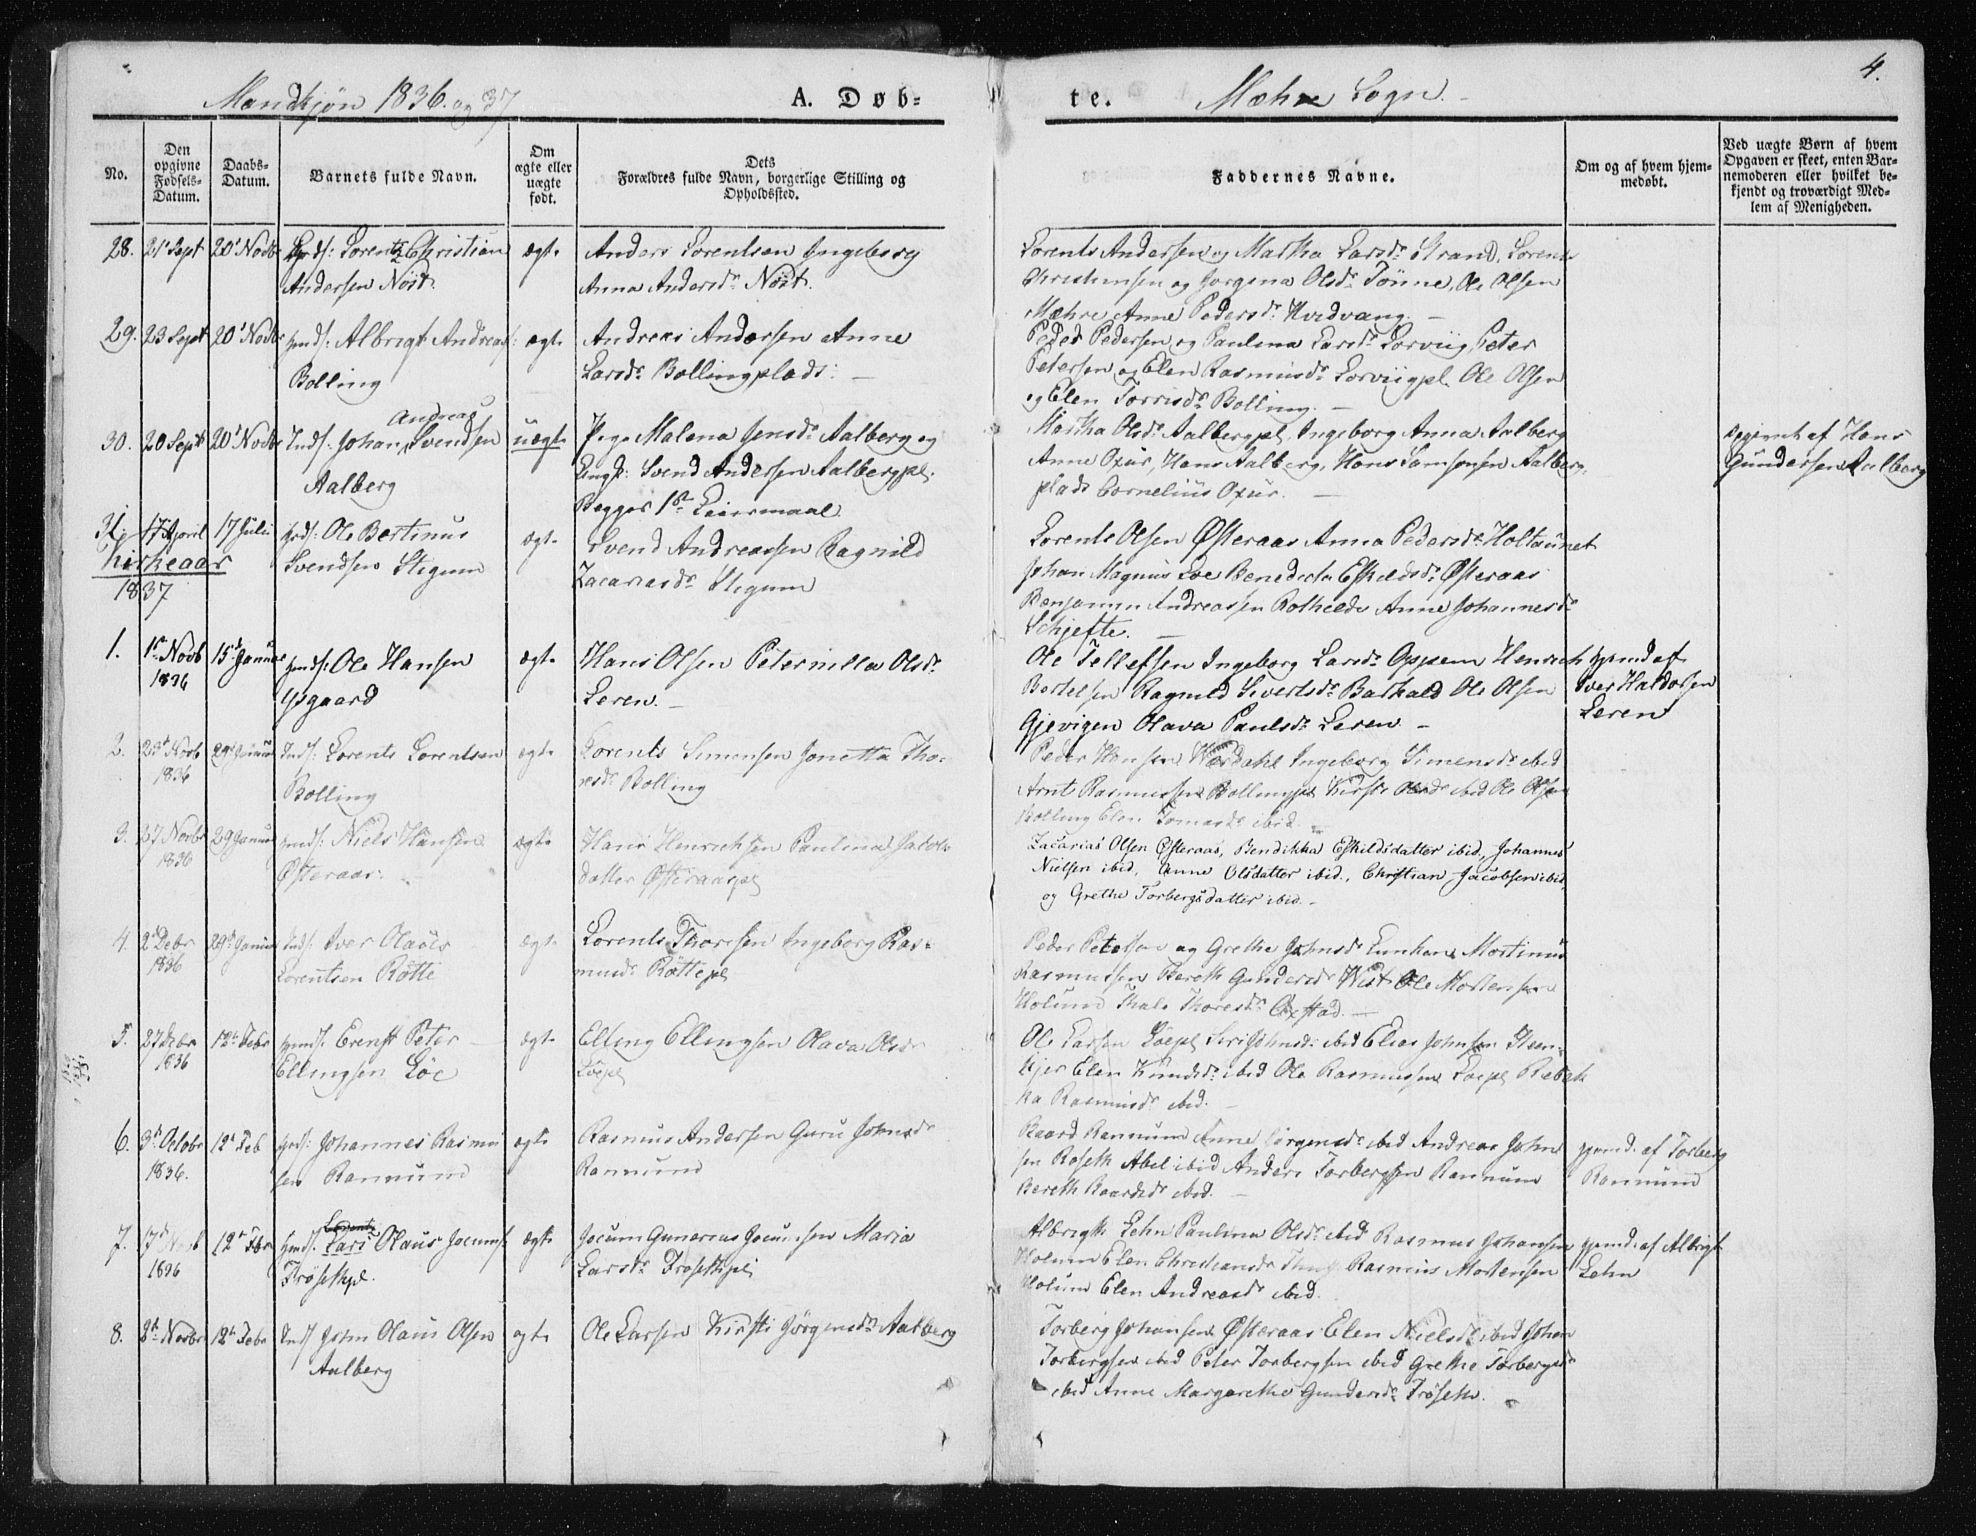 SAT, Ministerialprotokoller, klokkerbøker og fødselsregistre - Nord-Trøndelag, 735/L0339: Ministerialbok nr. 735A06 /1, 1836-1848, s. 4